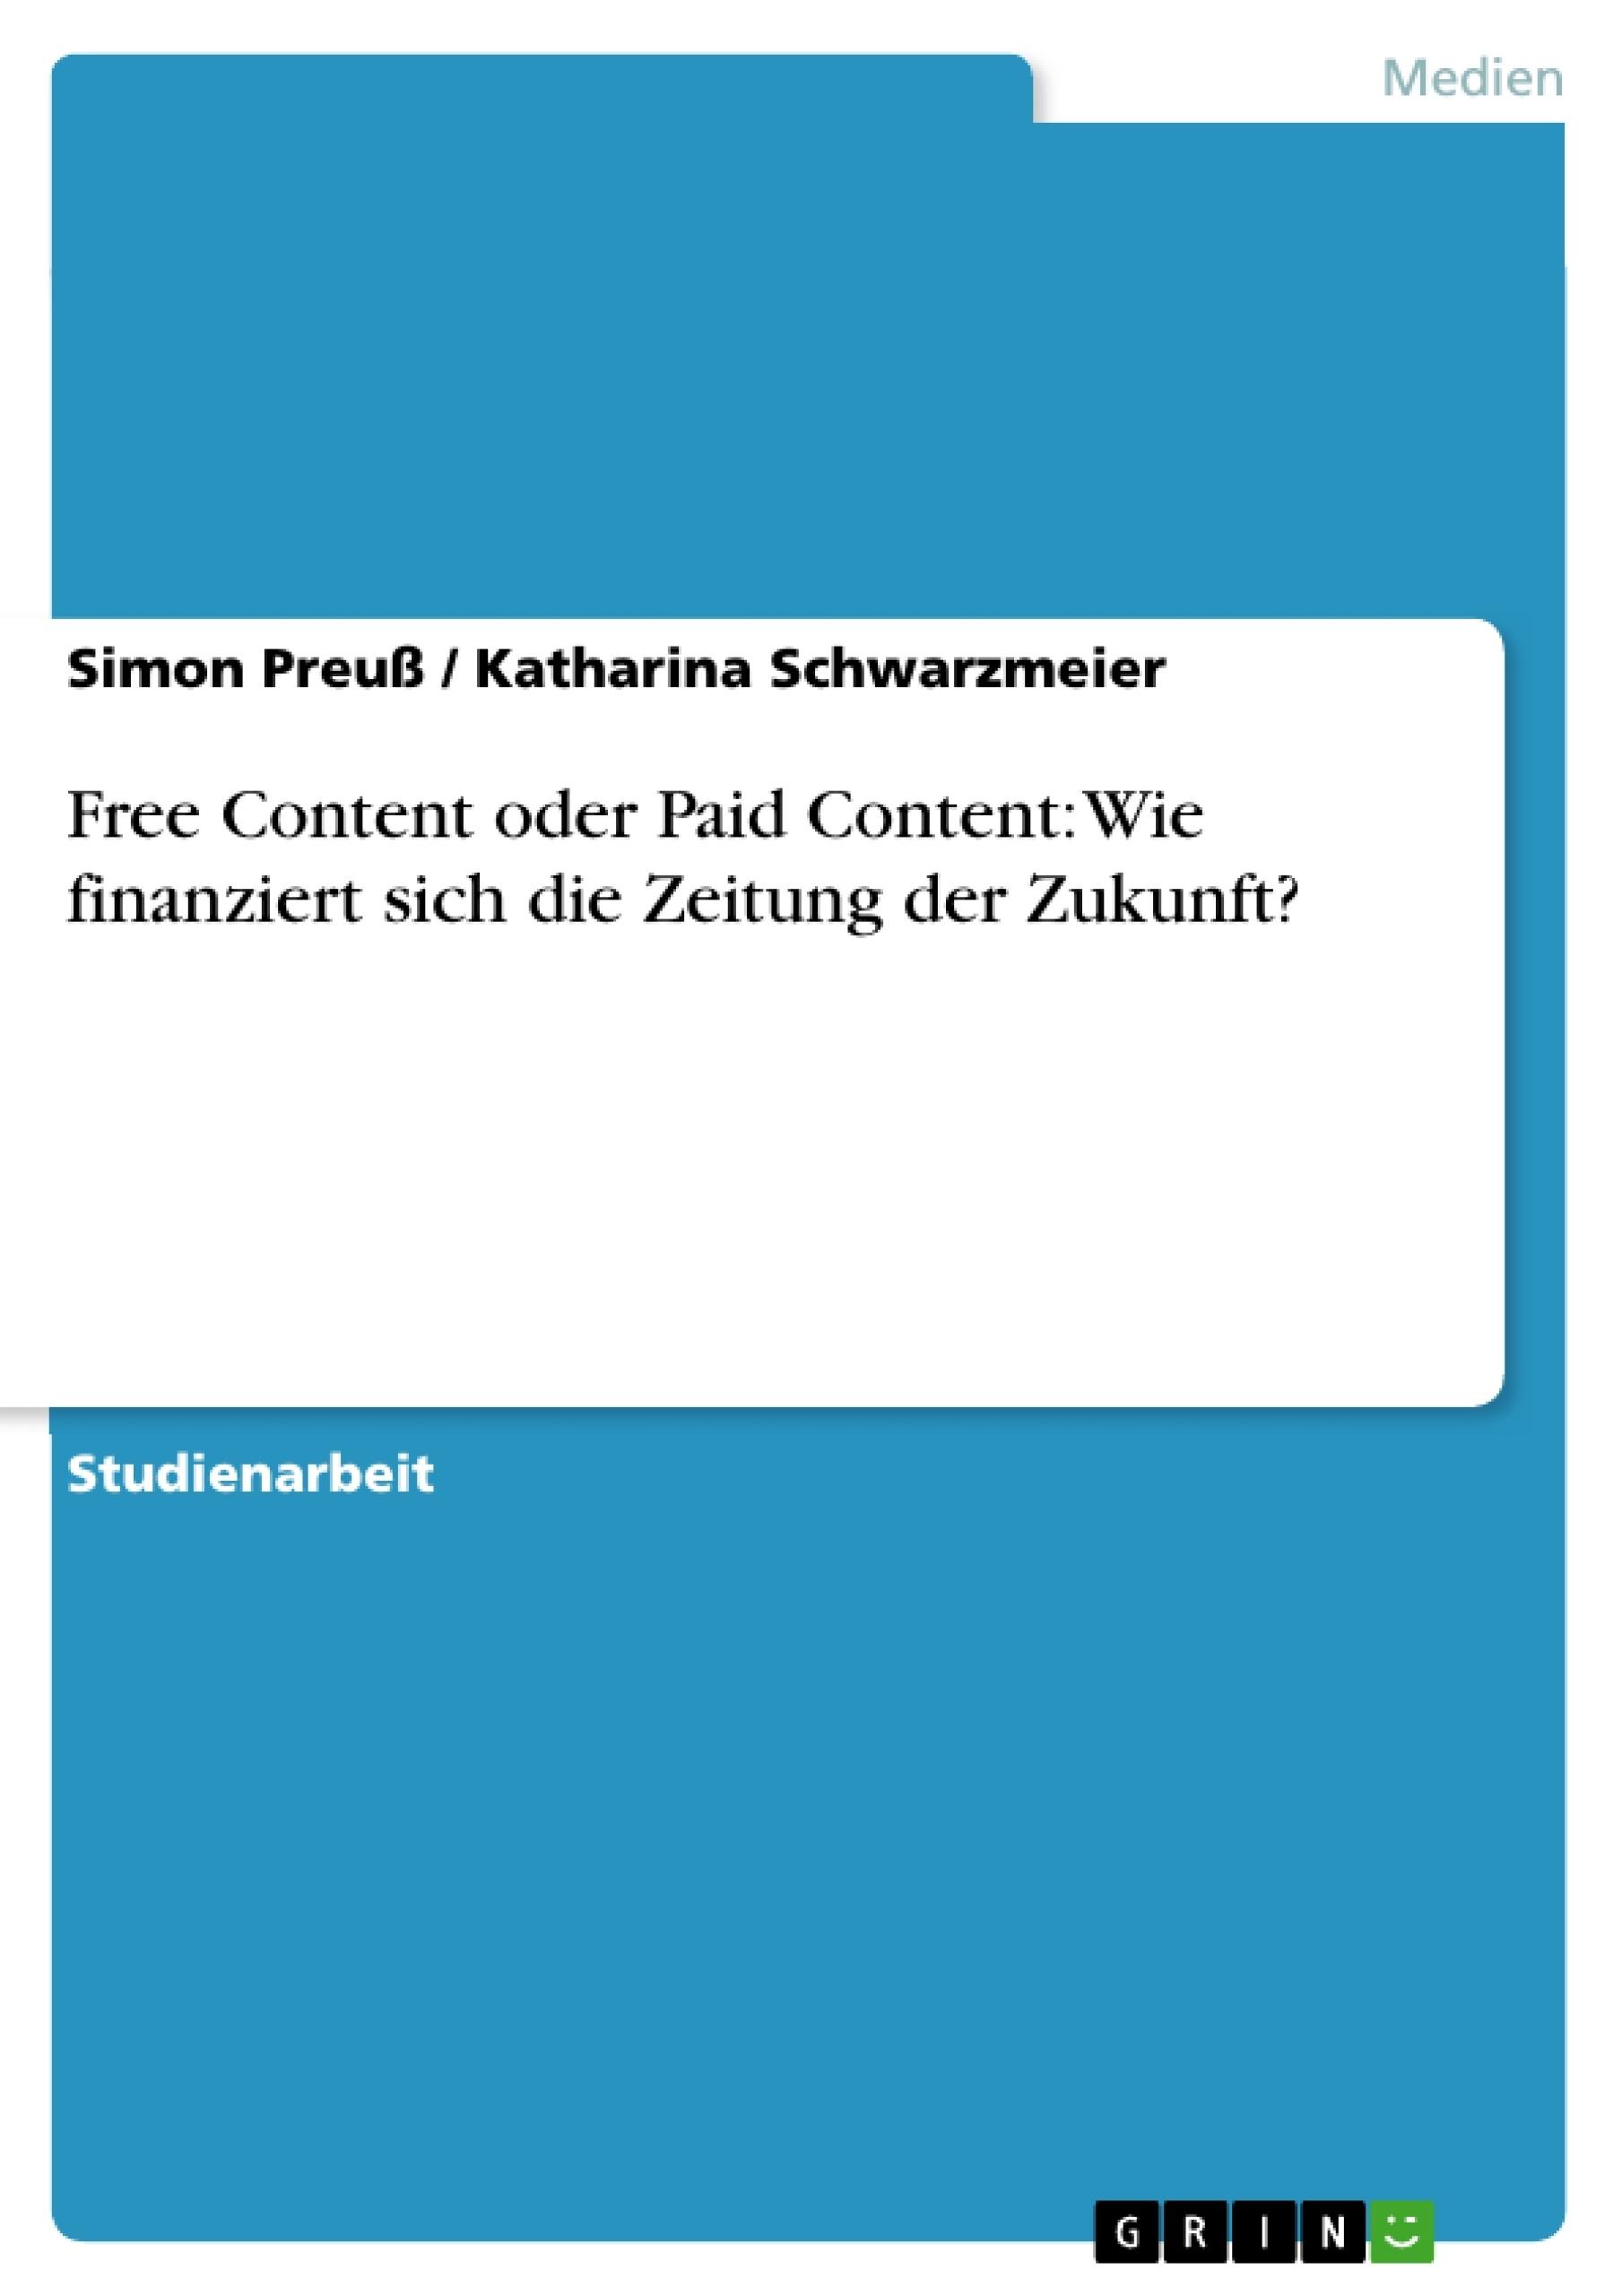 Titel: Free Content oder Paid Content: Wie finanziert sich die Zeitung der Zukunft?